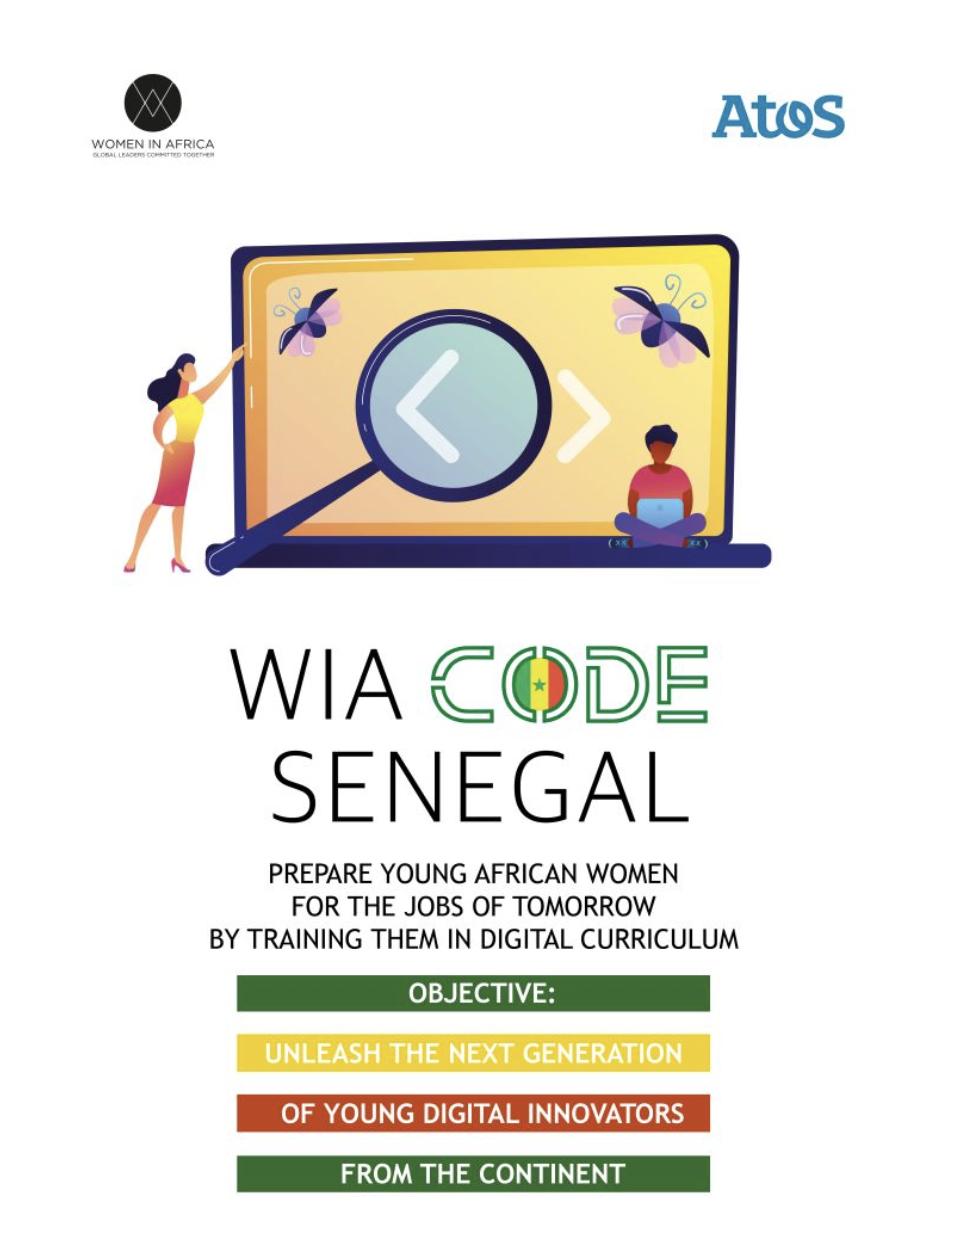 Women in Africa poursuit l'aventure du code à la Maison d'Éducation Mariama Bâ, au Sénégal à travers le programme WIA Code avec Atos afin de préparer les jeunes filles d'Afrique aux métiers de demain